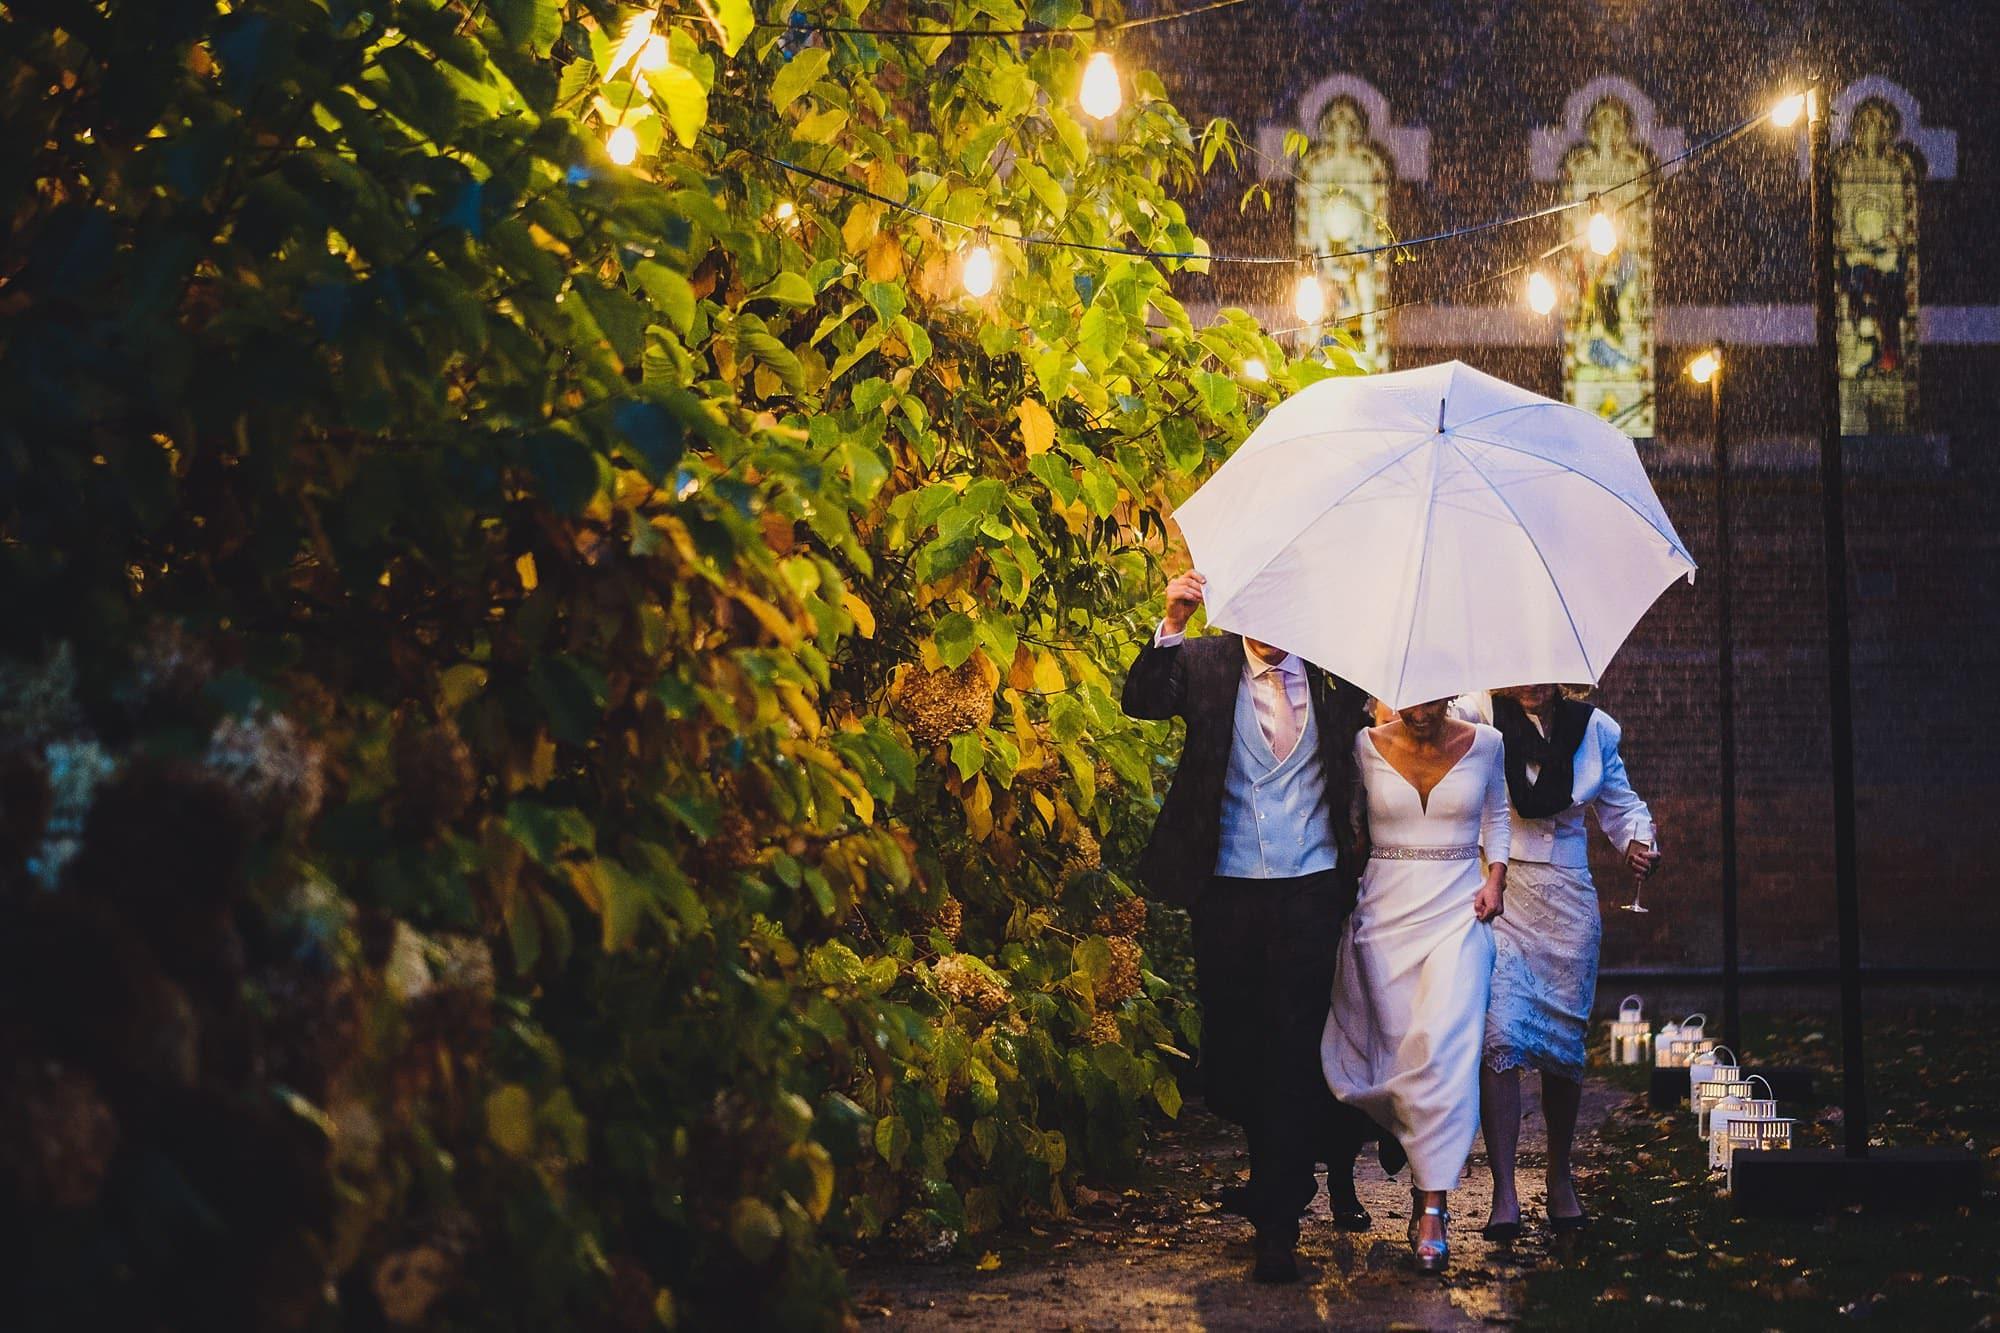 fulham palace wedding photographer ok 077 - Olivia + Kyle